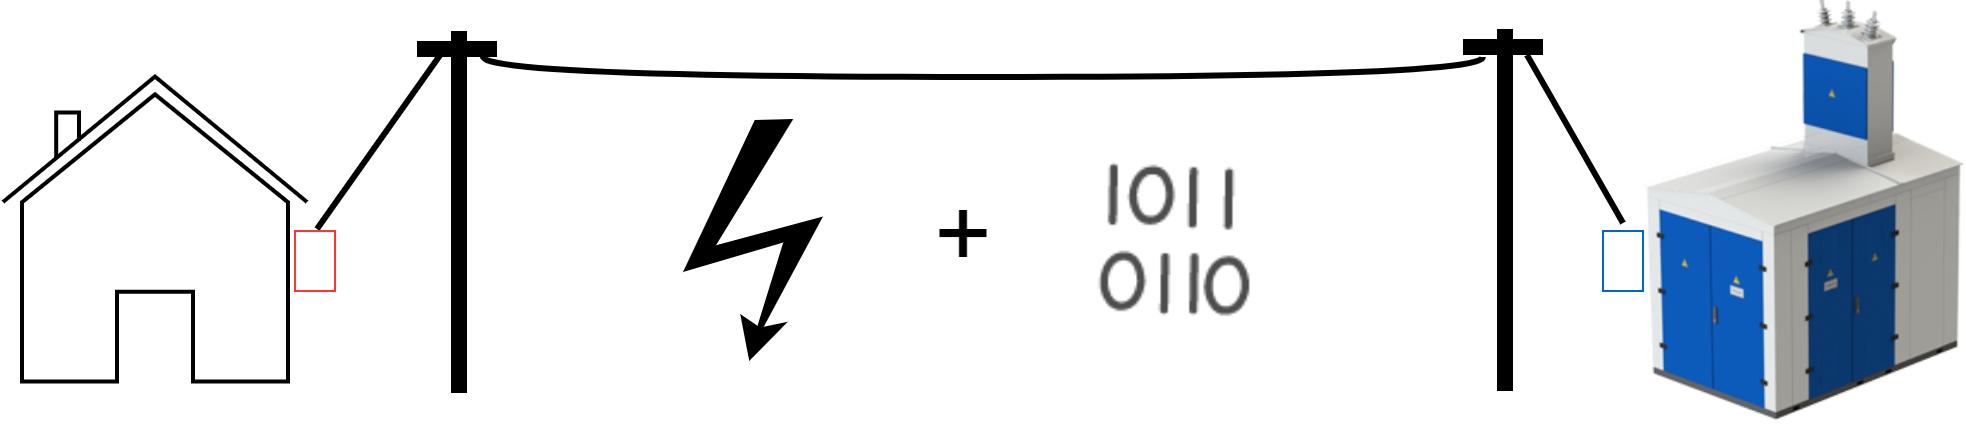 Power-line communication. Часть 1 — Основы передачи данных по линиям электропередач - 7